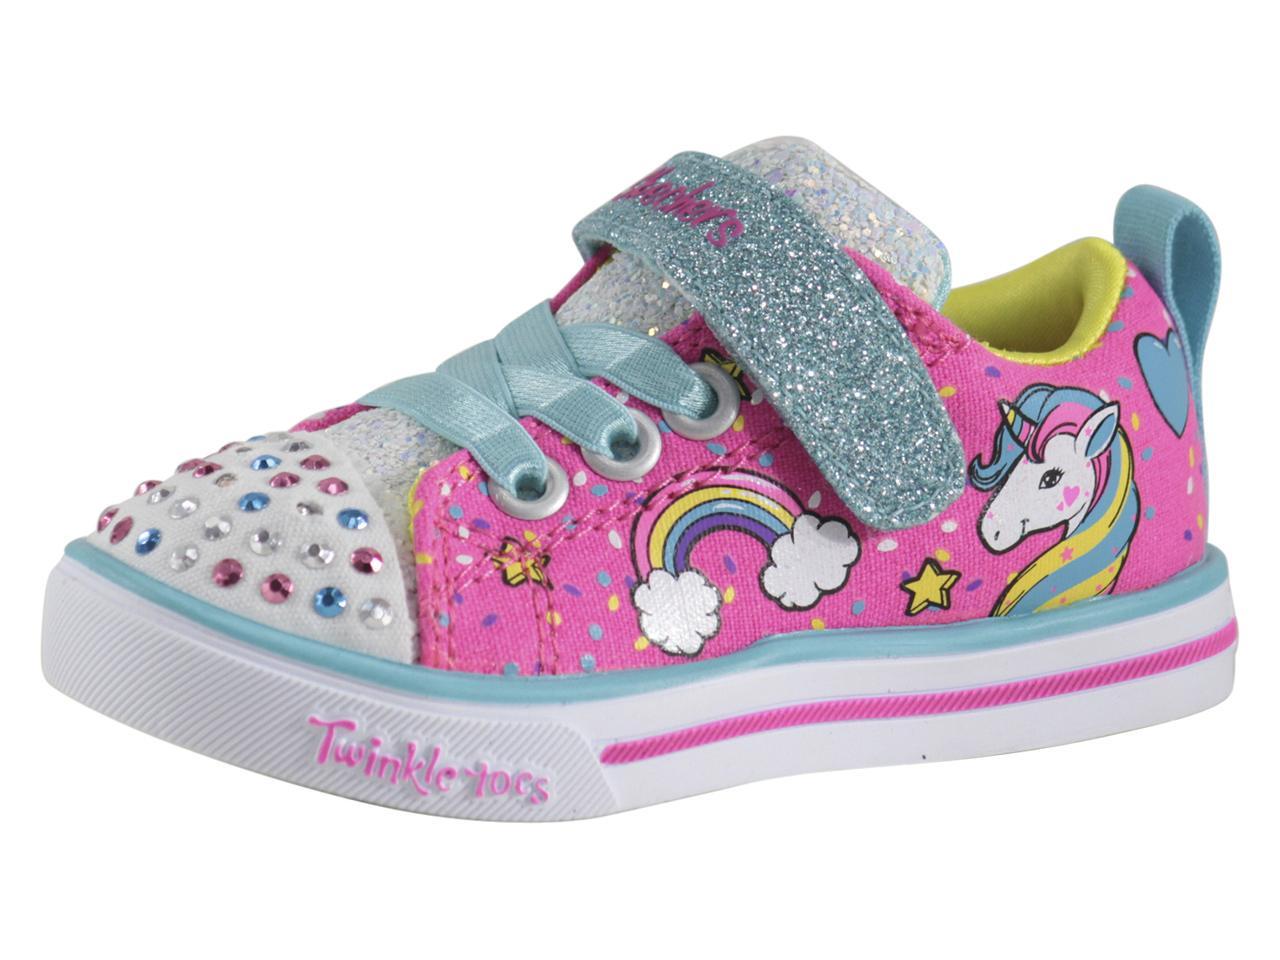 skechers slippers girls